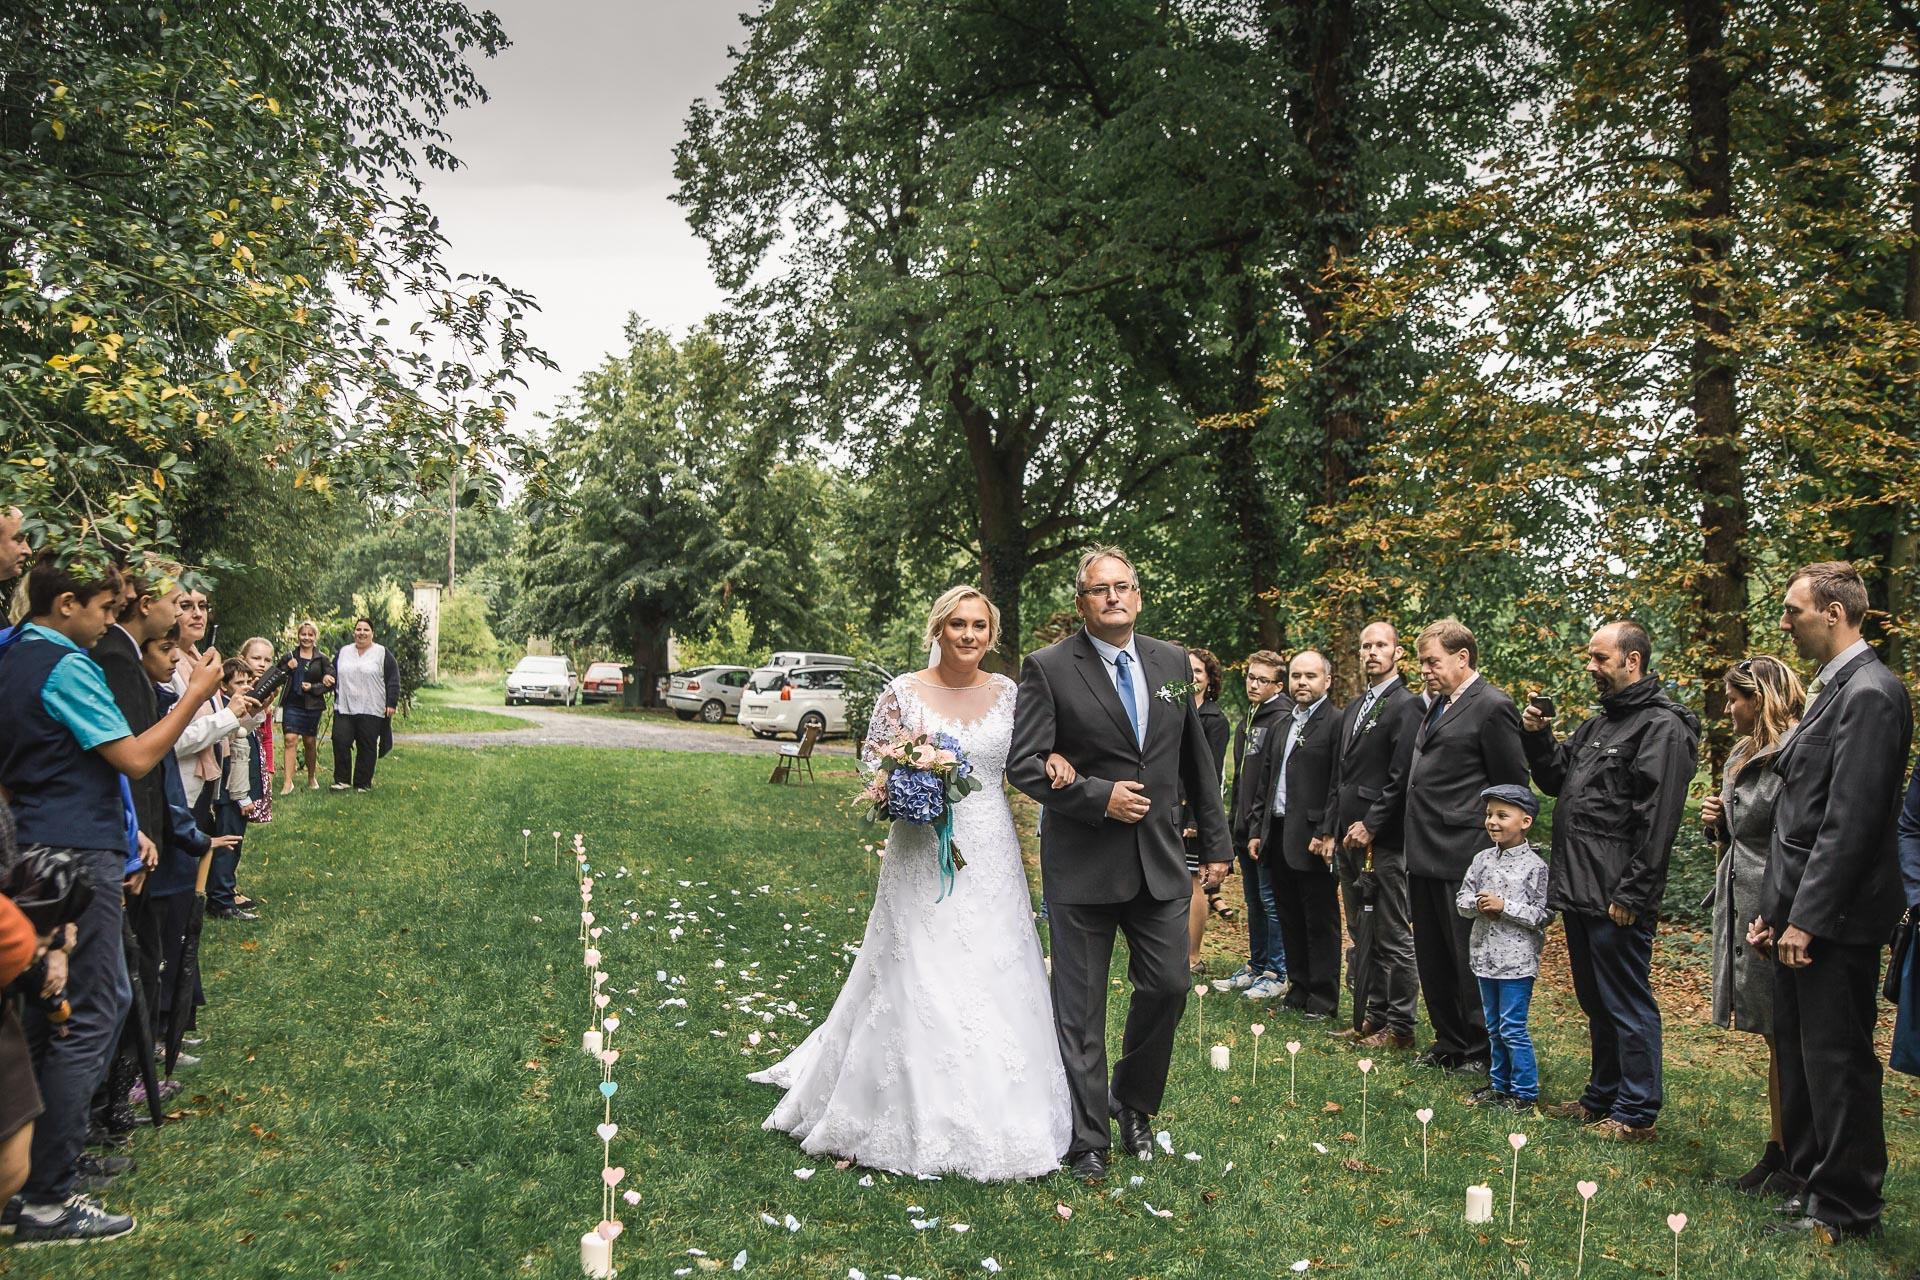 Svatební-fotograf-zámecký-park-Měšice-Svatba-Měšice-u-Prahy-7093